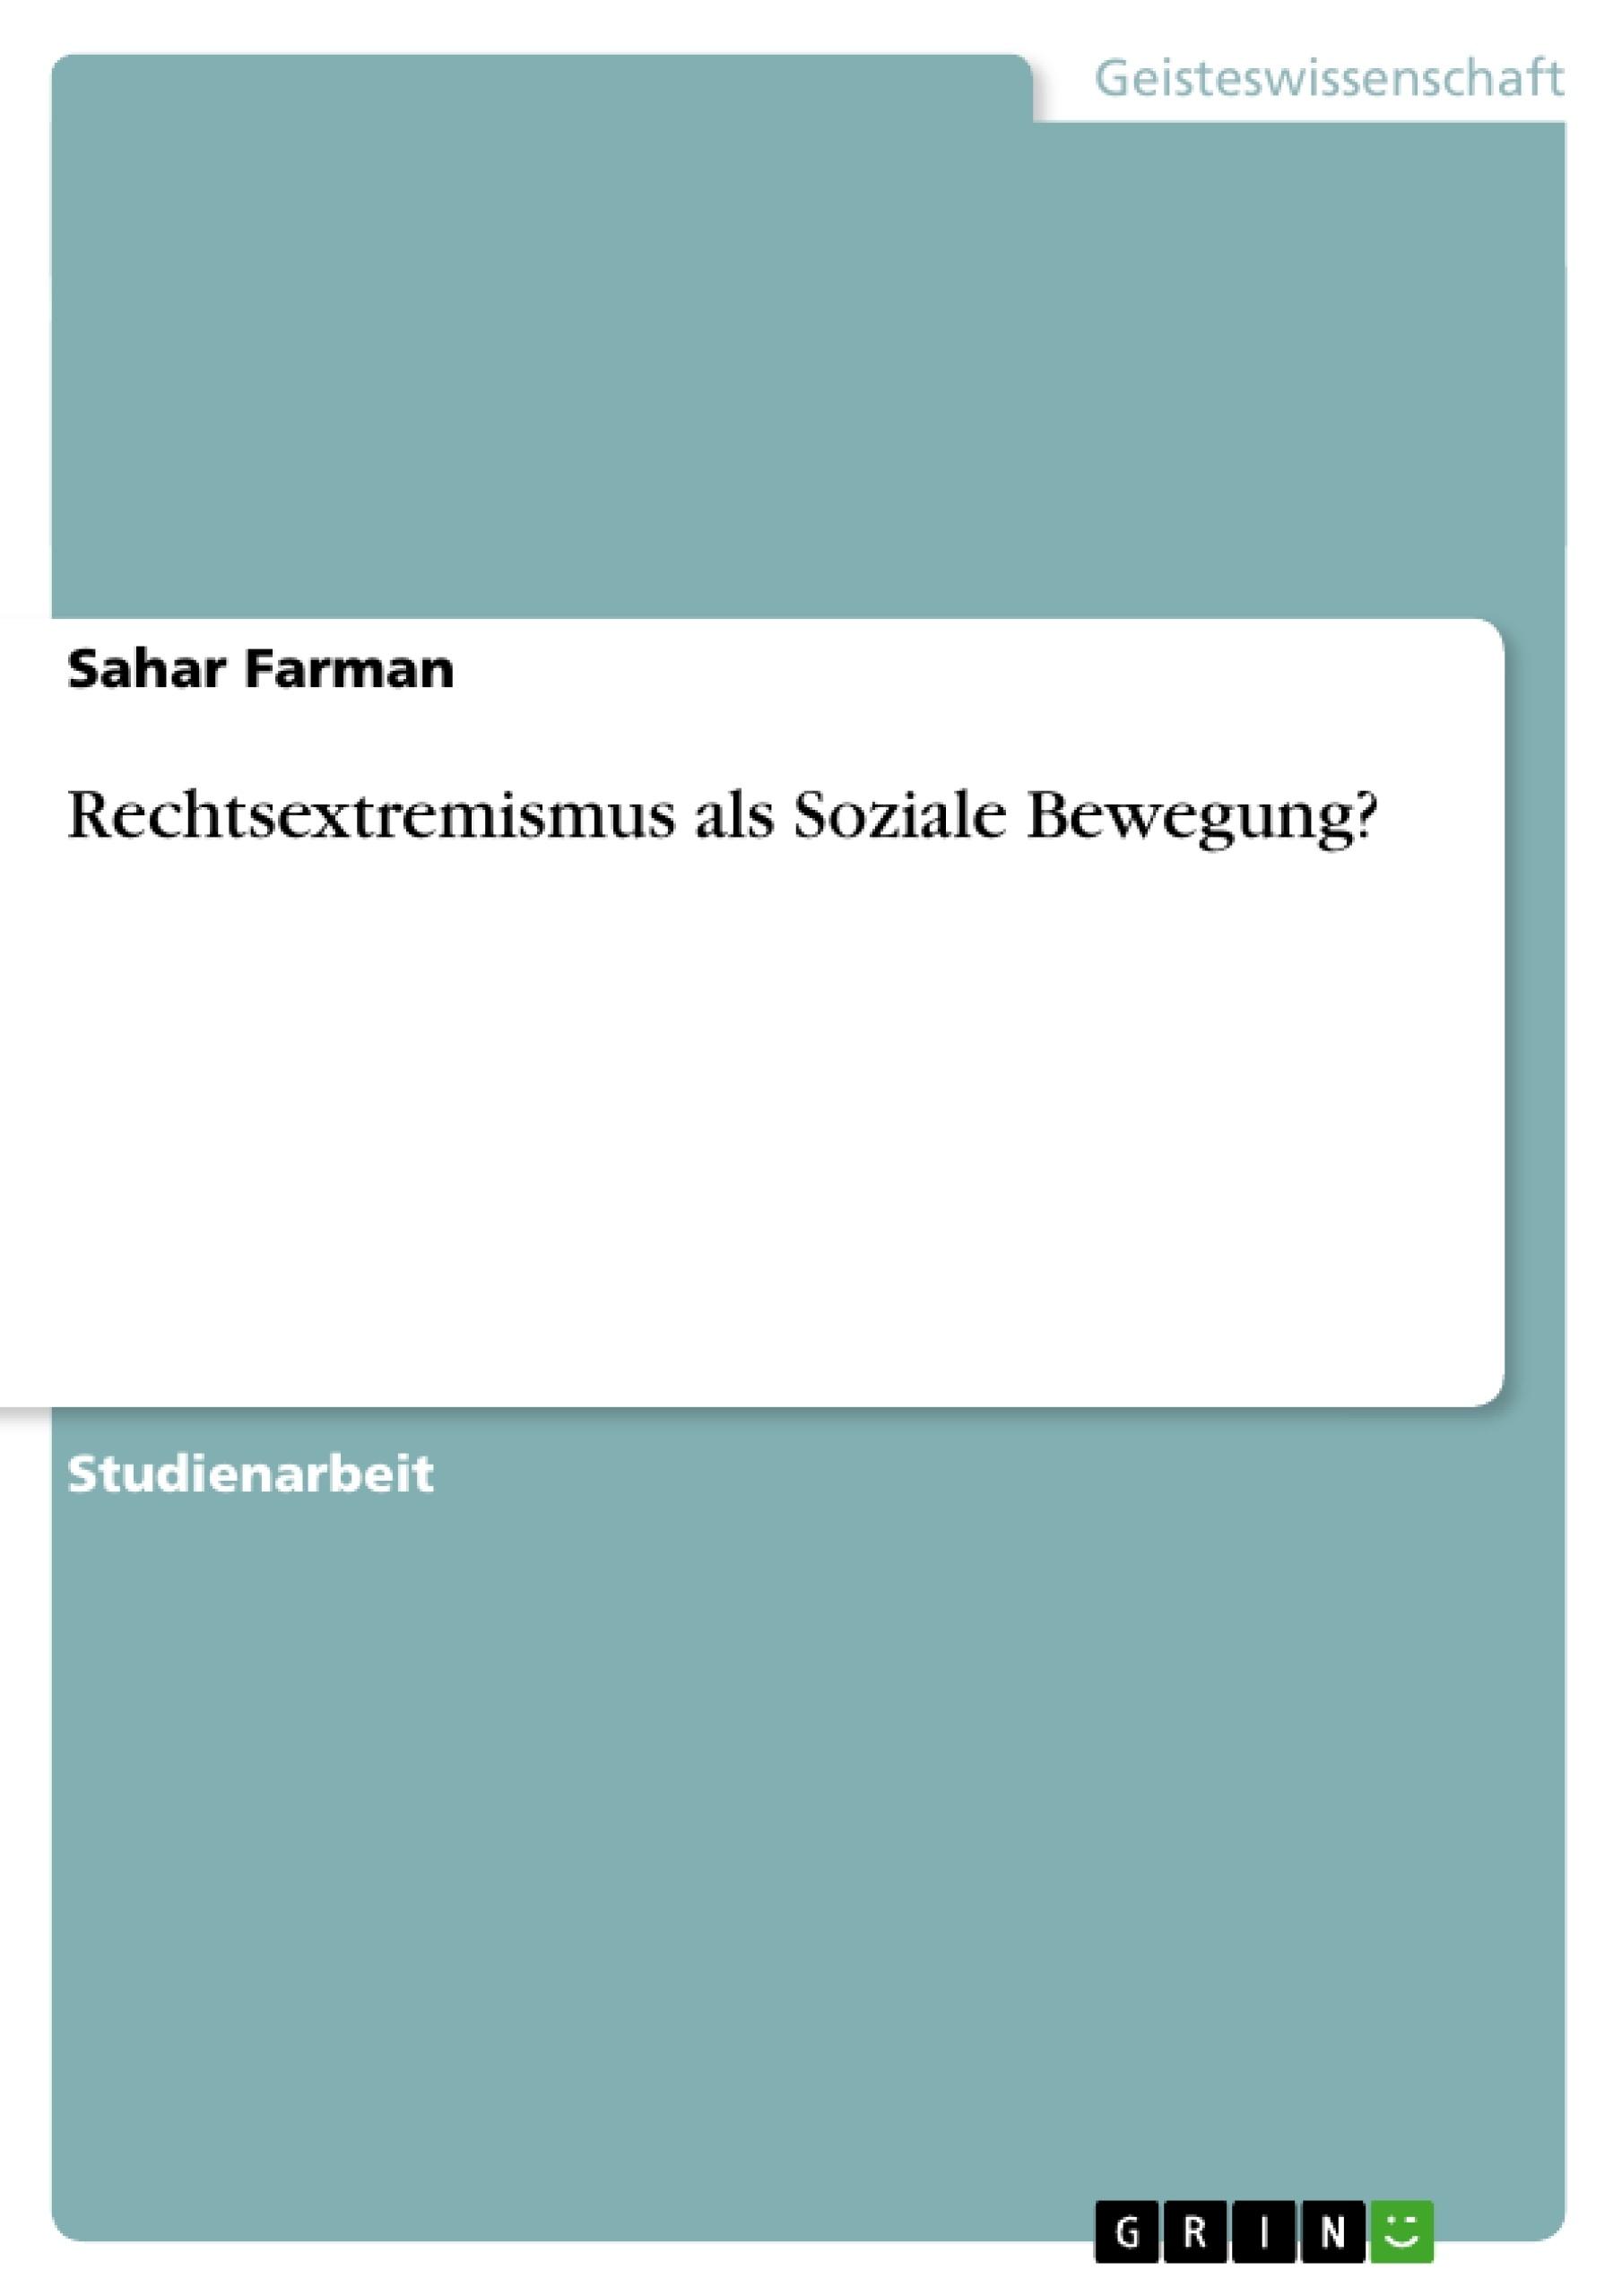 Titel: Rechtsextremismus als Soziale Bewegung?